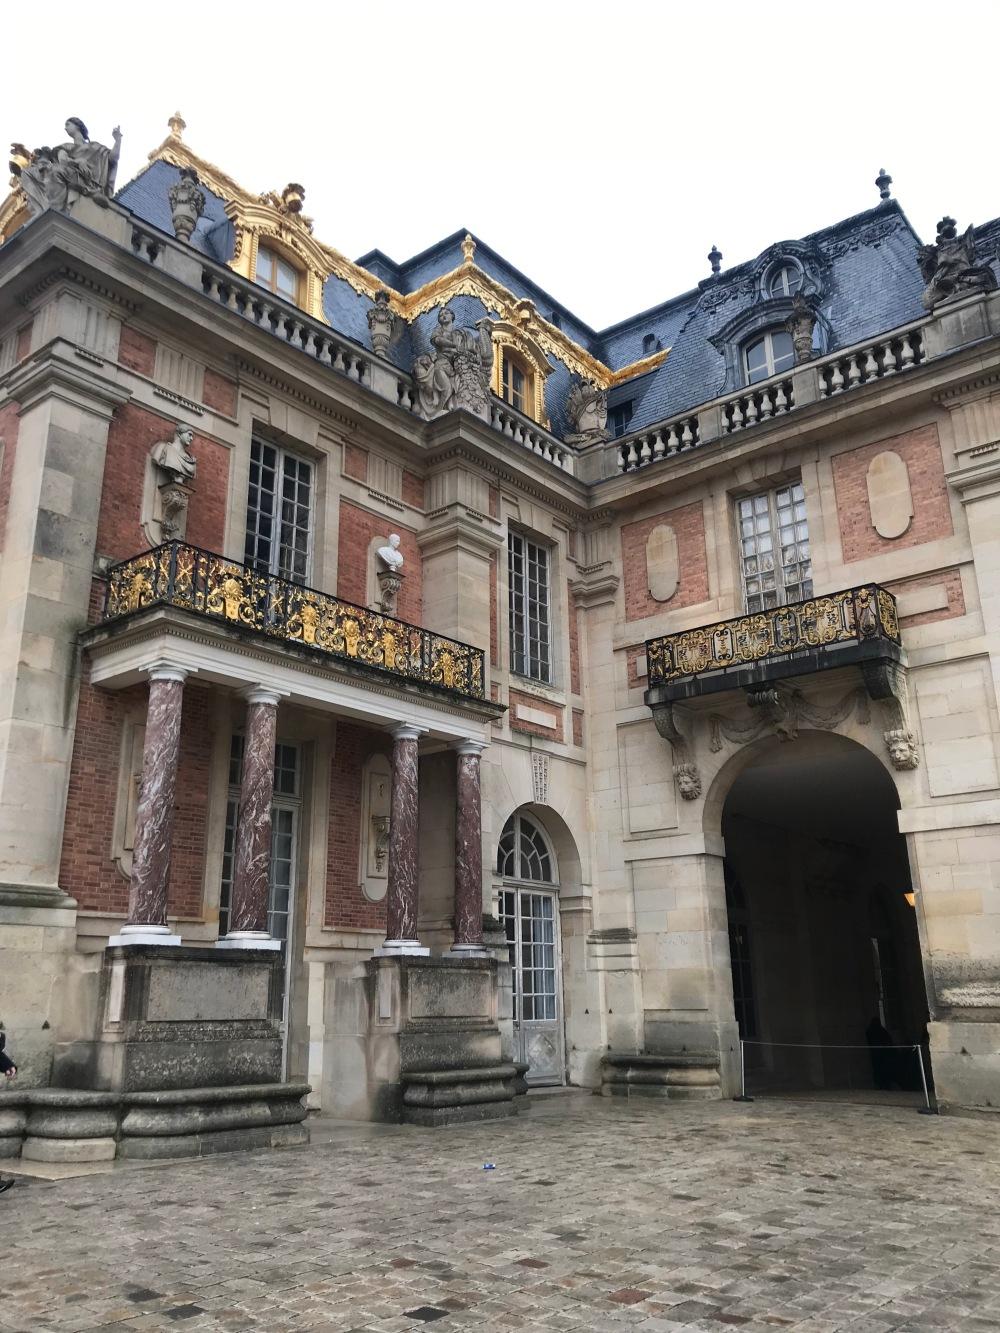 Fachada em ouro e mármore do Palácio de Versalhes